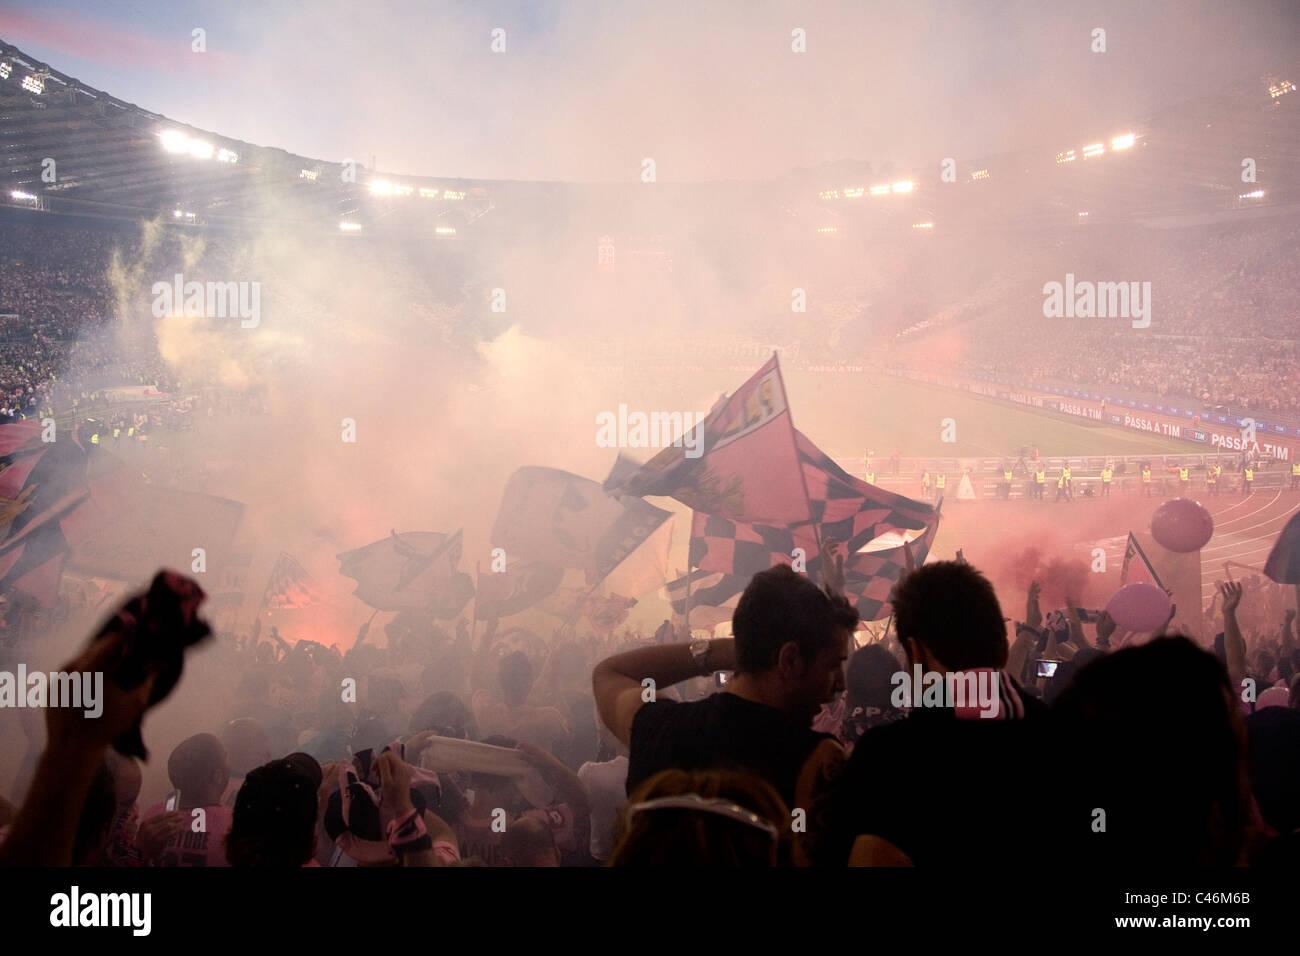 Palerme les supporters de football au stade olympique de Rome pour la finale de la coupe d'Italie contre l'Inter Photo Stock